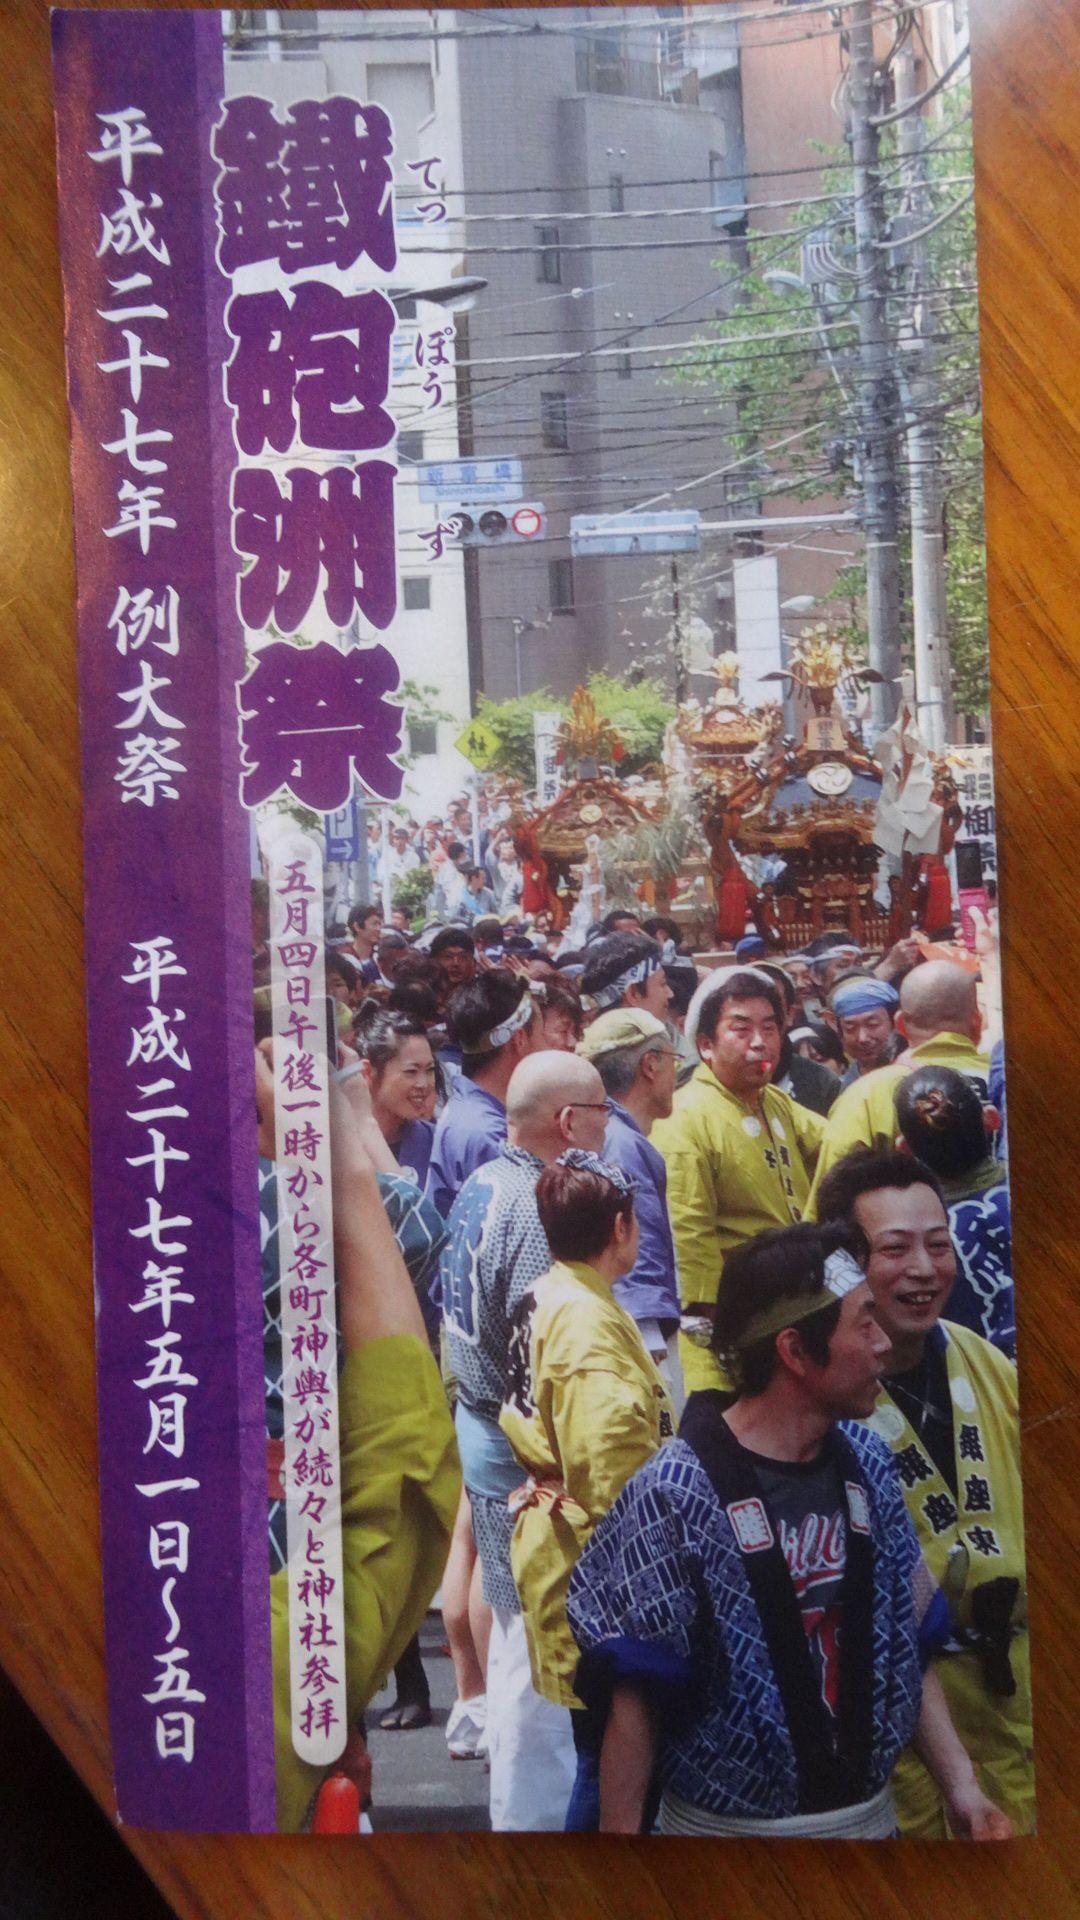 鉄砲洲神社祭のポスター